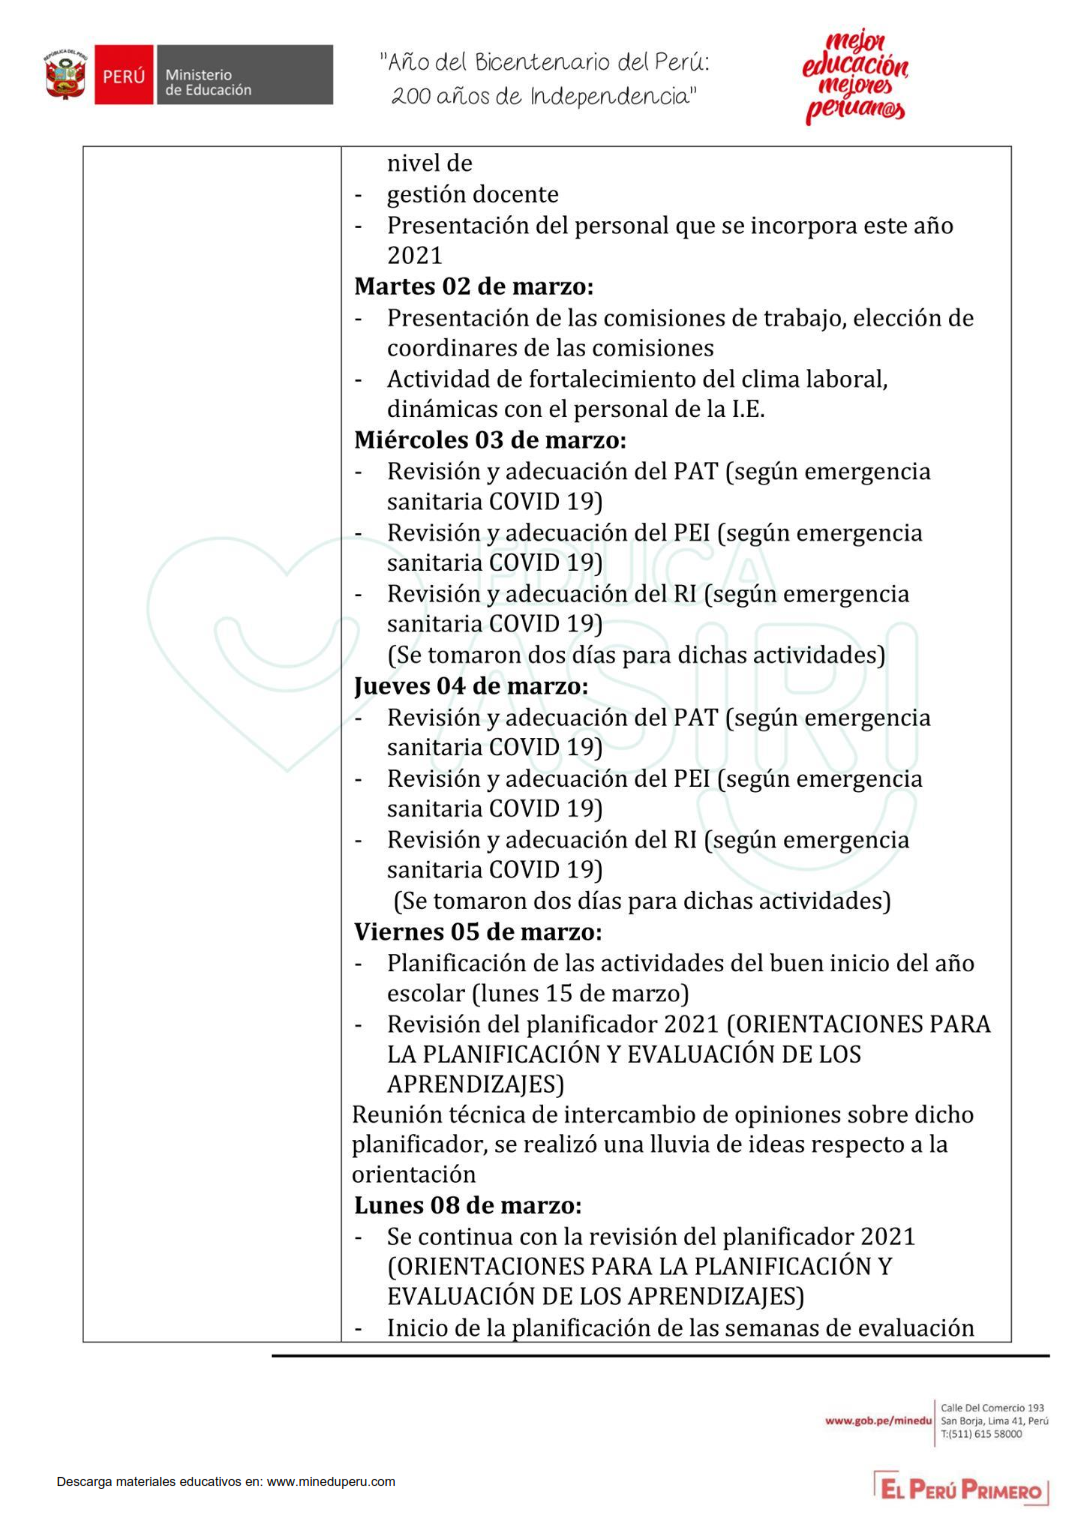 Informe de actividades mes de marzo 2021